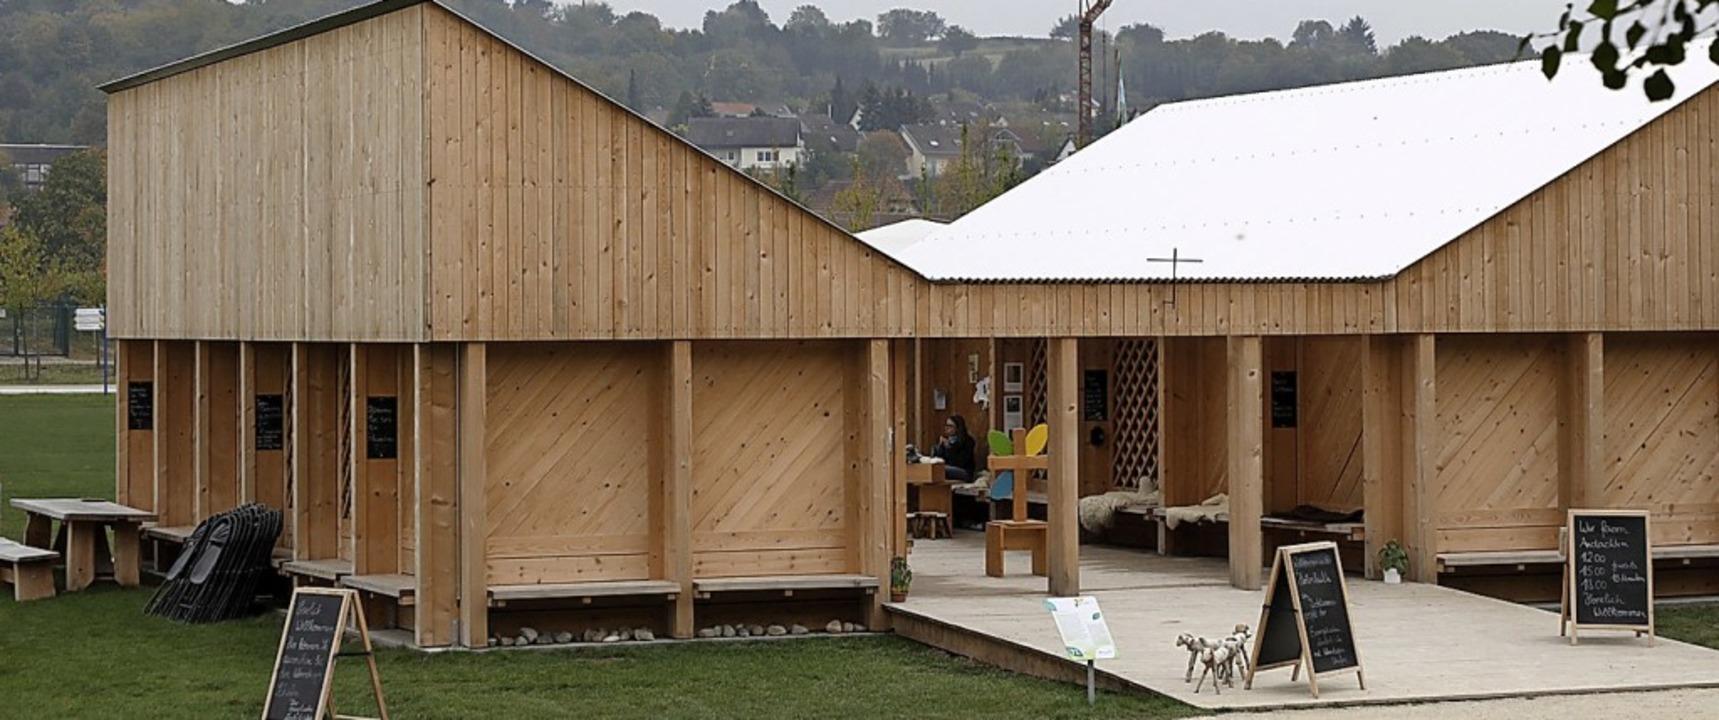 Die Hirtenhütte auf dem Gartenschaugelände  | Foto: christoph breithaupt